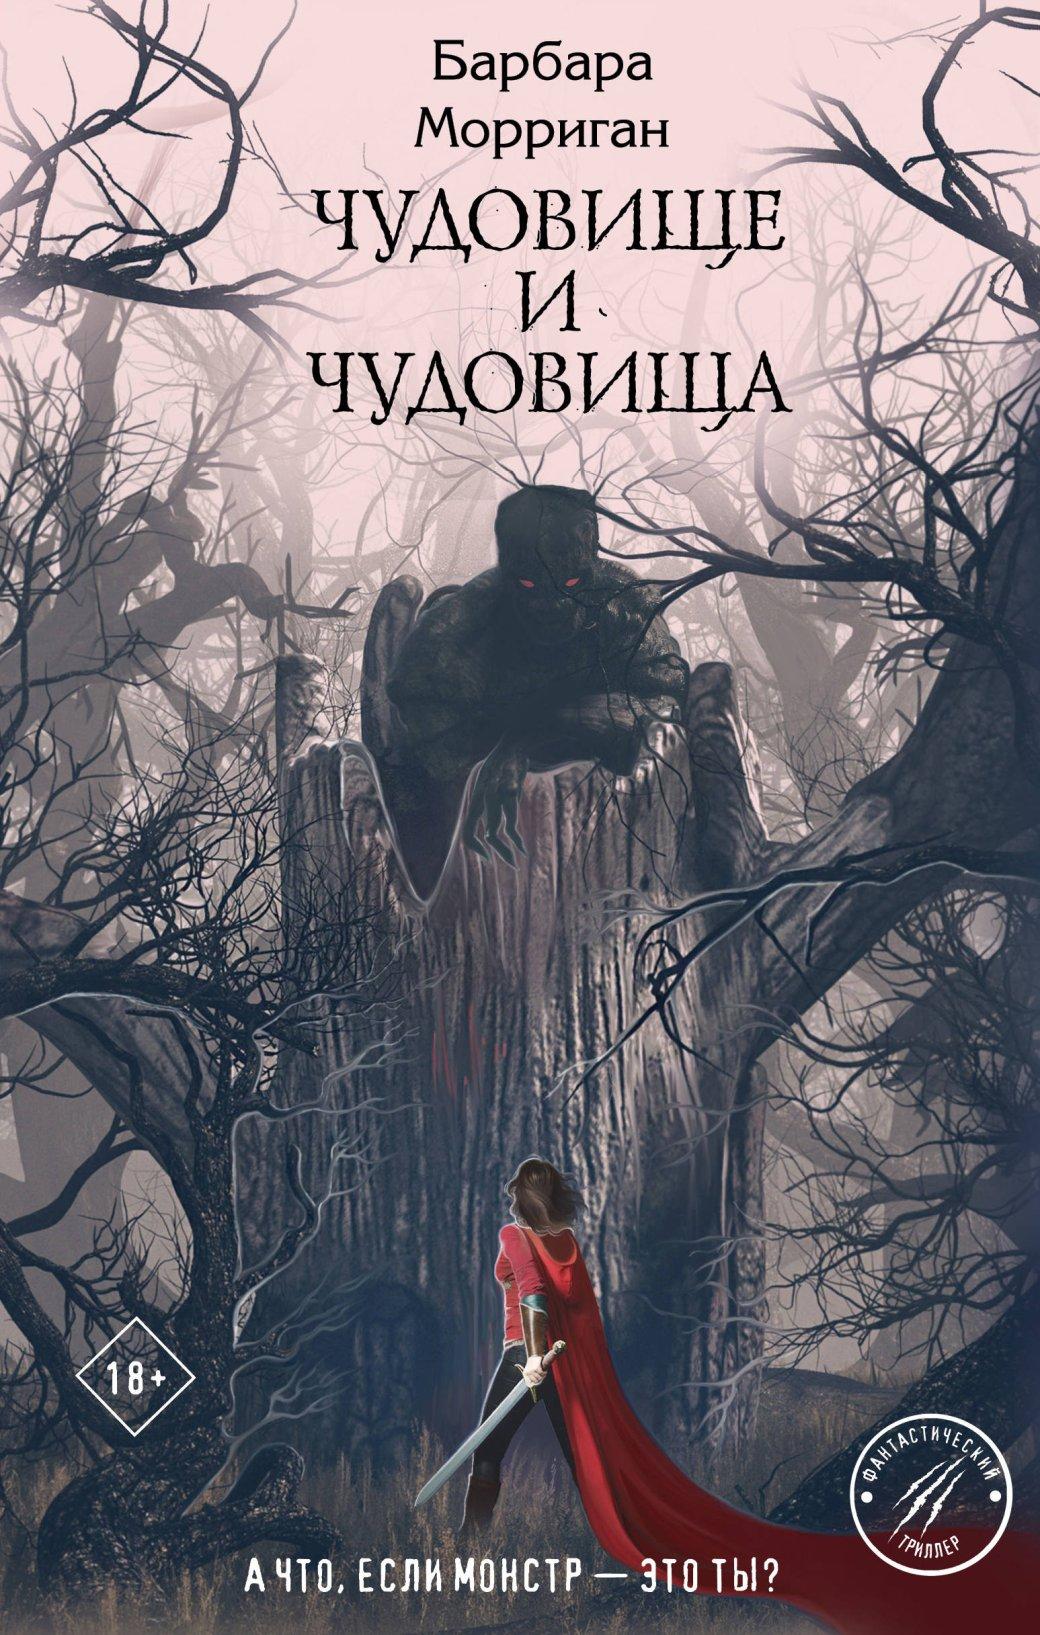 Новая волна: яркие русскоязычные авторы, пишущие фантастику ифэнтези | Канобу - Изображение 565